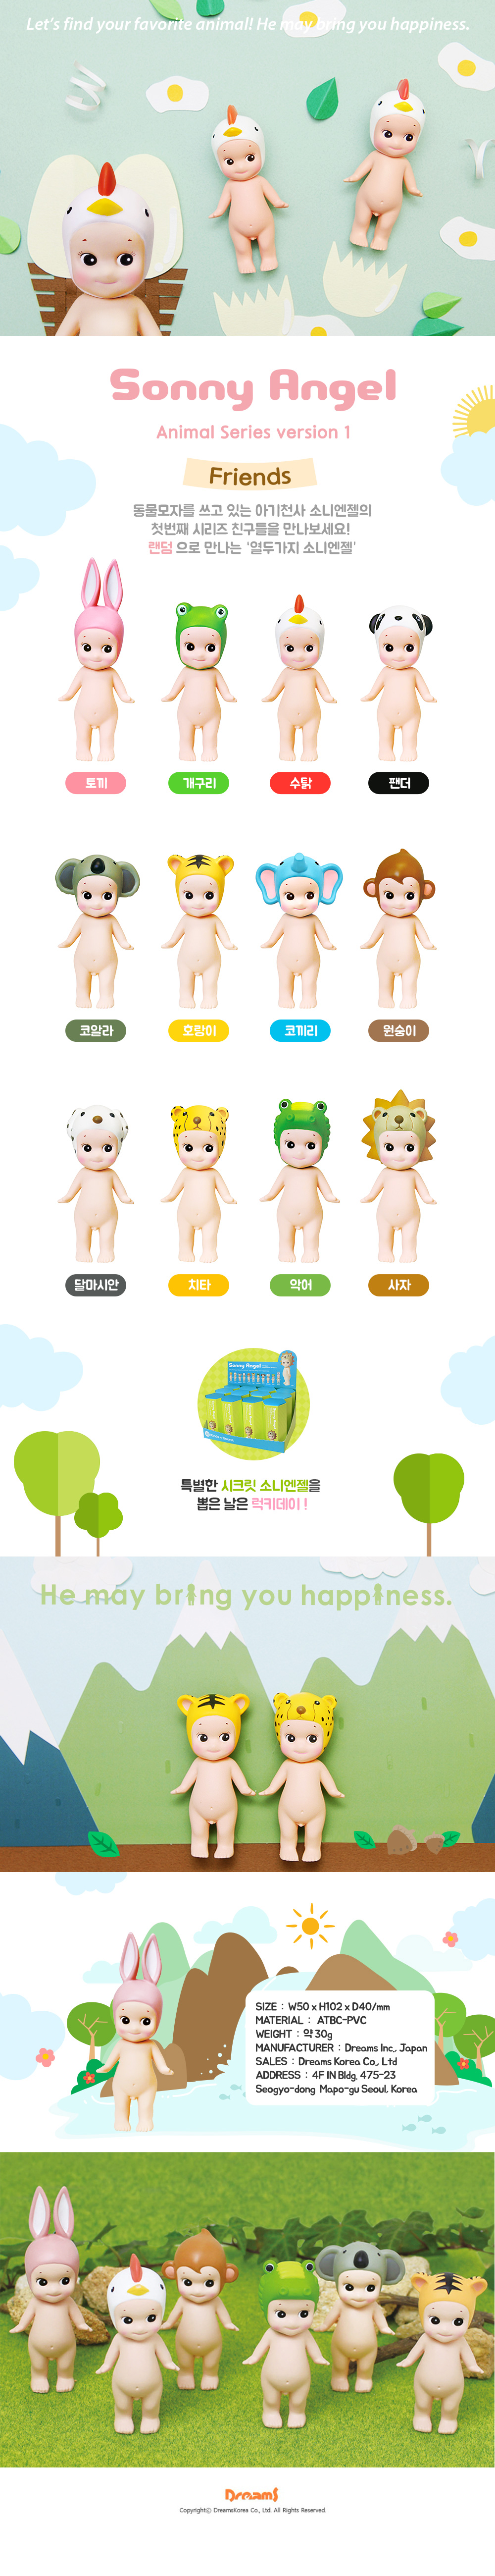 [드림즈코리아 정품 소니엔젤] 미니피규어_Animal 1 ver (랜덤) - 소니엔젤, 6,900원, 캐릭터 피규어, 소니엔젤